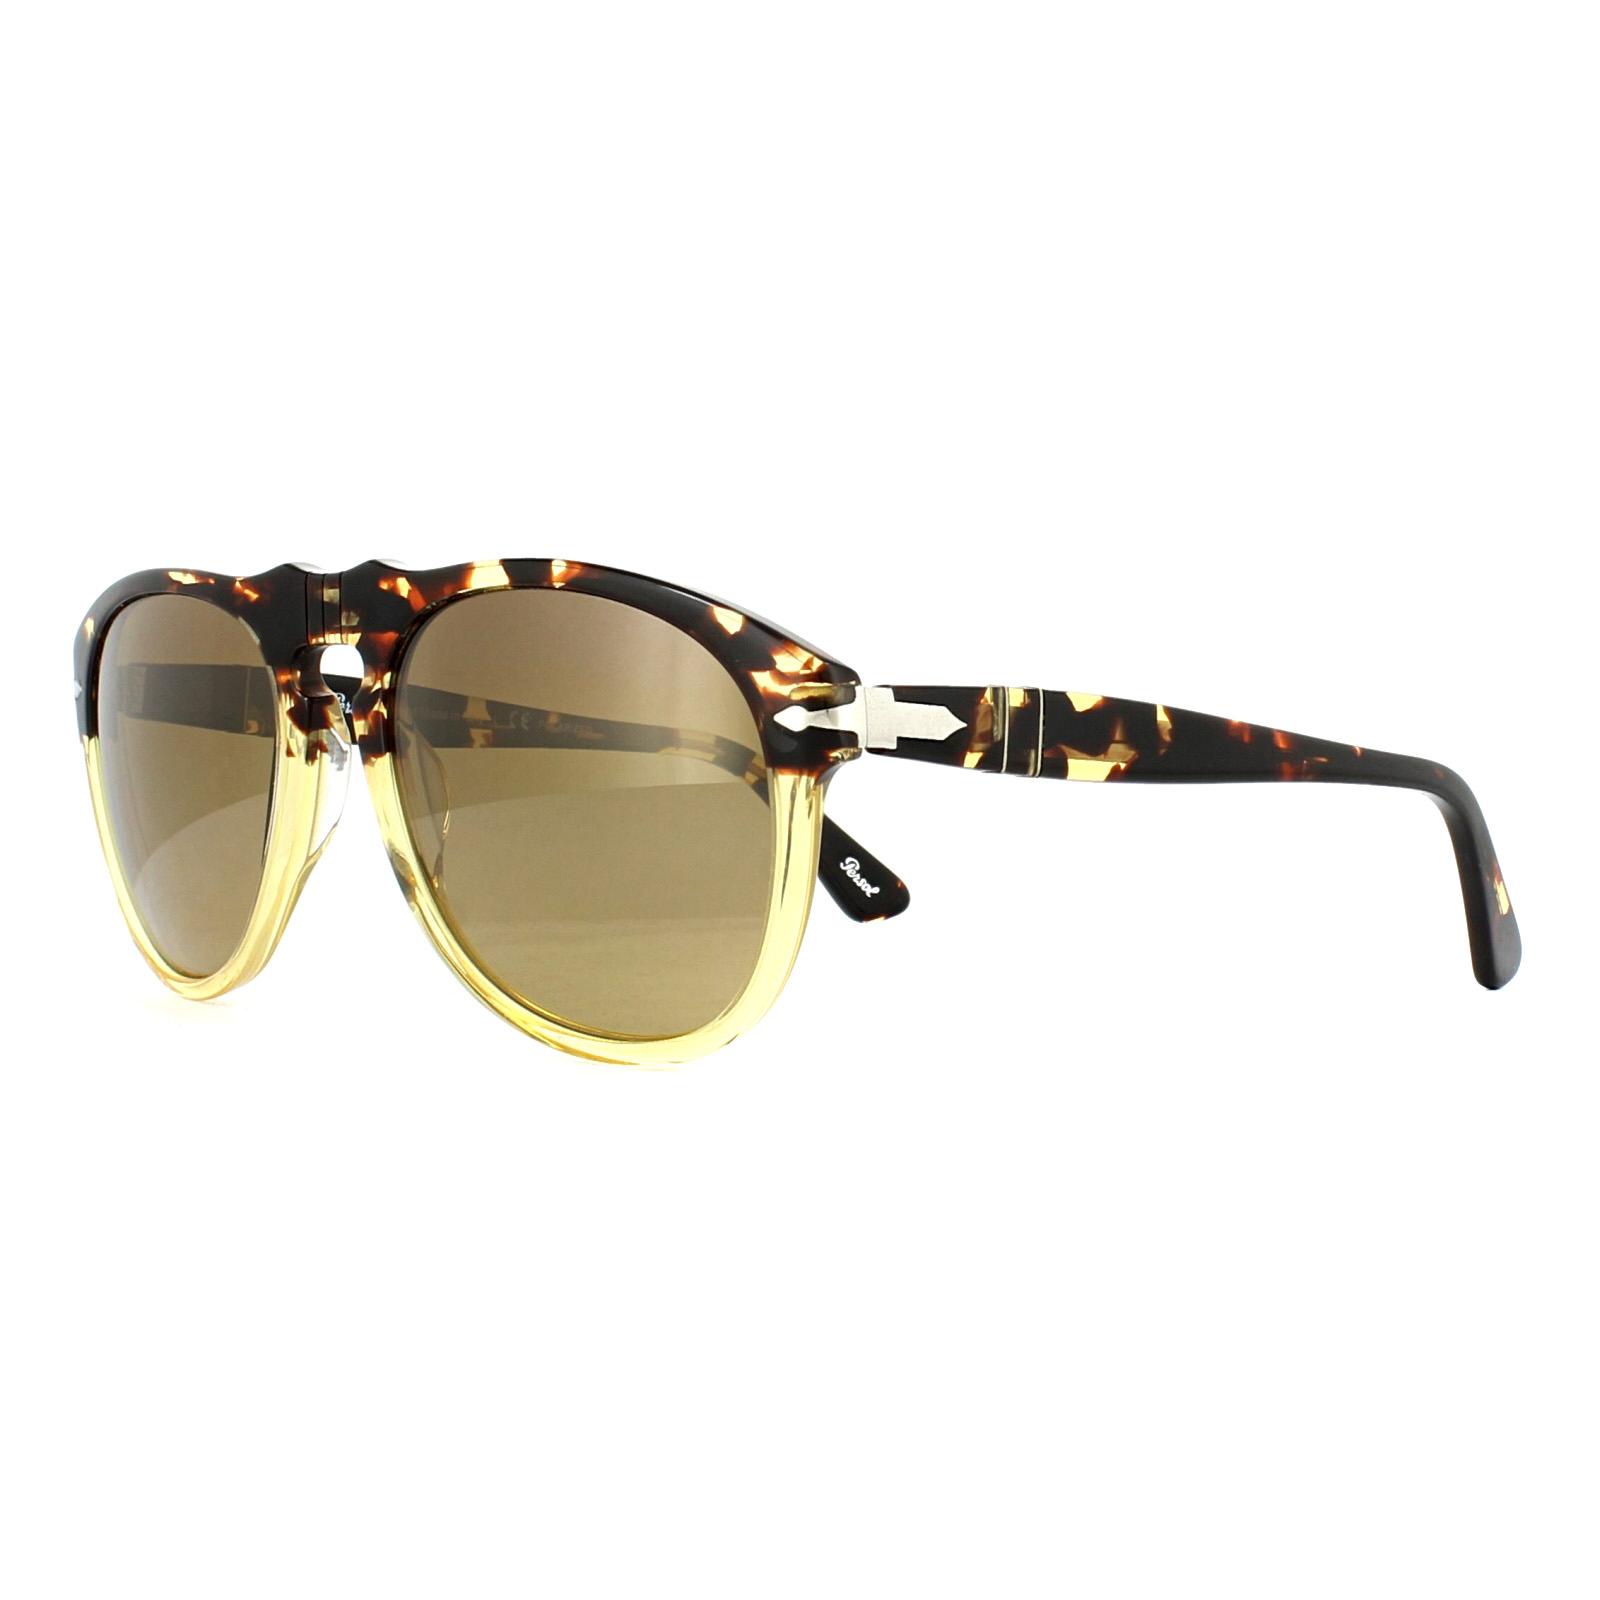 e80e8282ea Sentinel Persol Sunglasses 649 1024M2 Ebano E Oro Brown Gradient Polarized